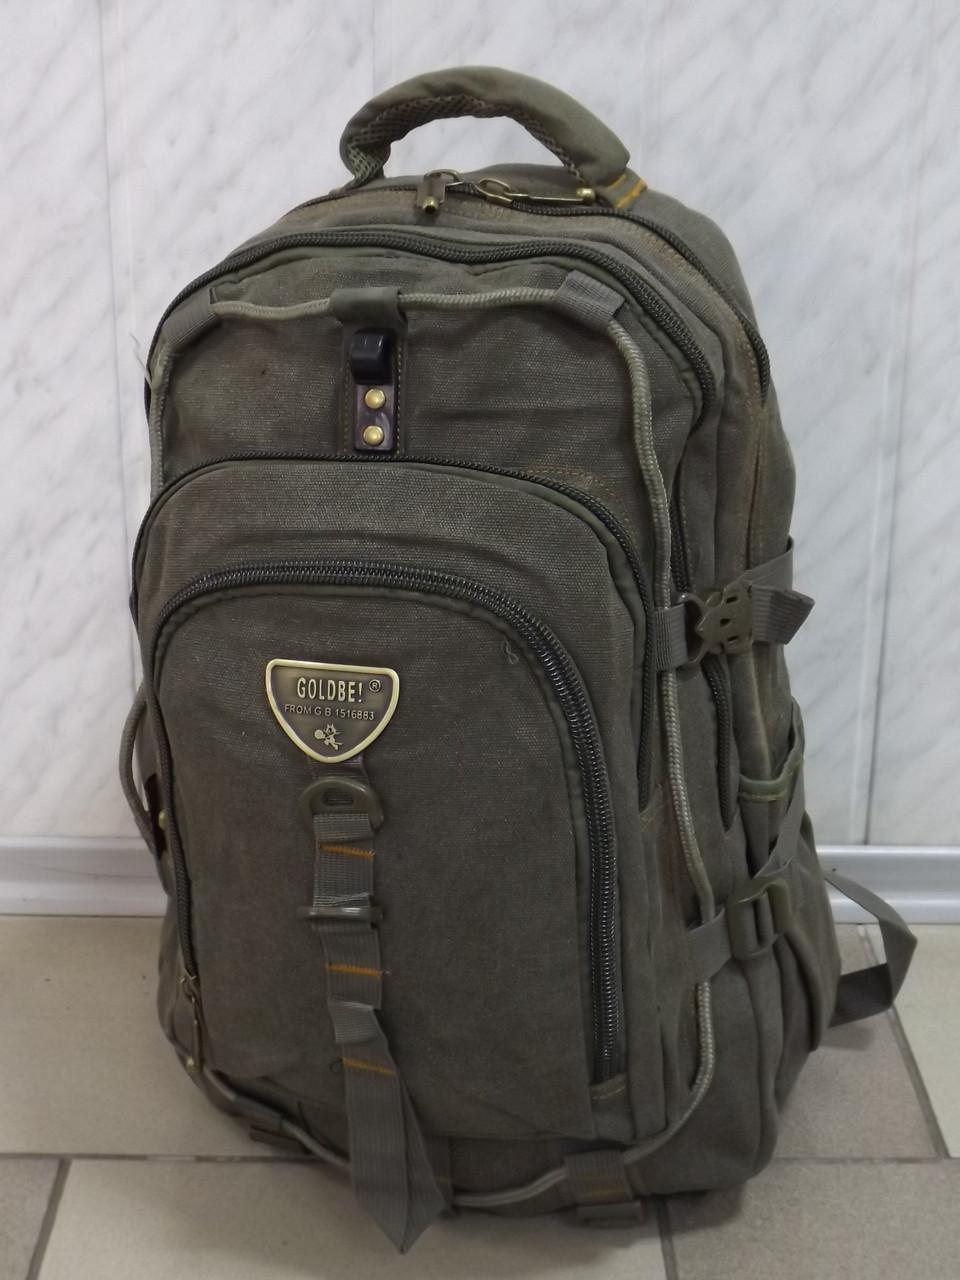 Брезентовые рюкзаки и сумки надежные чемоданы оригинальные брендовые